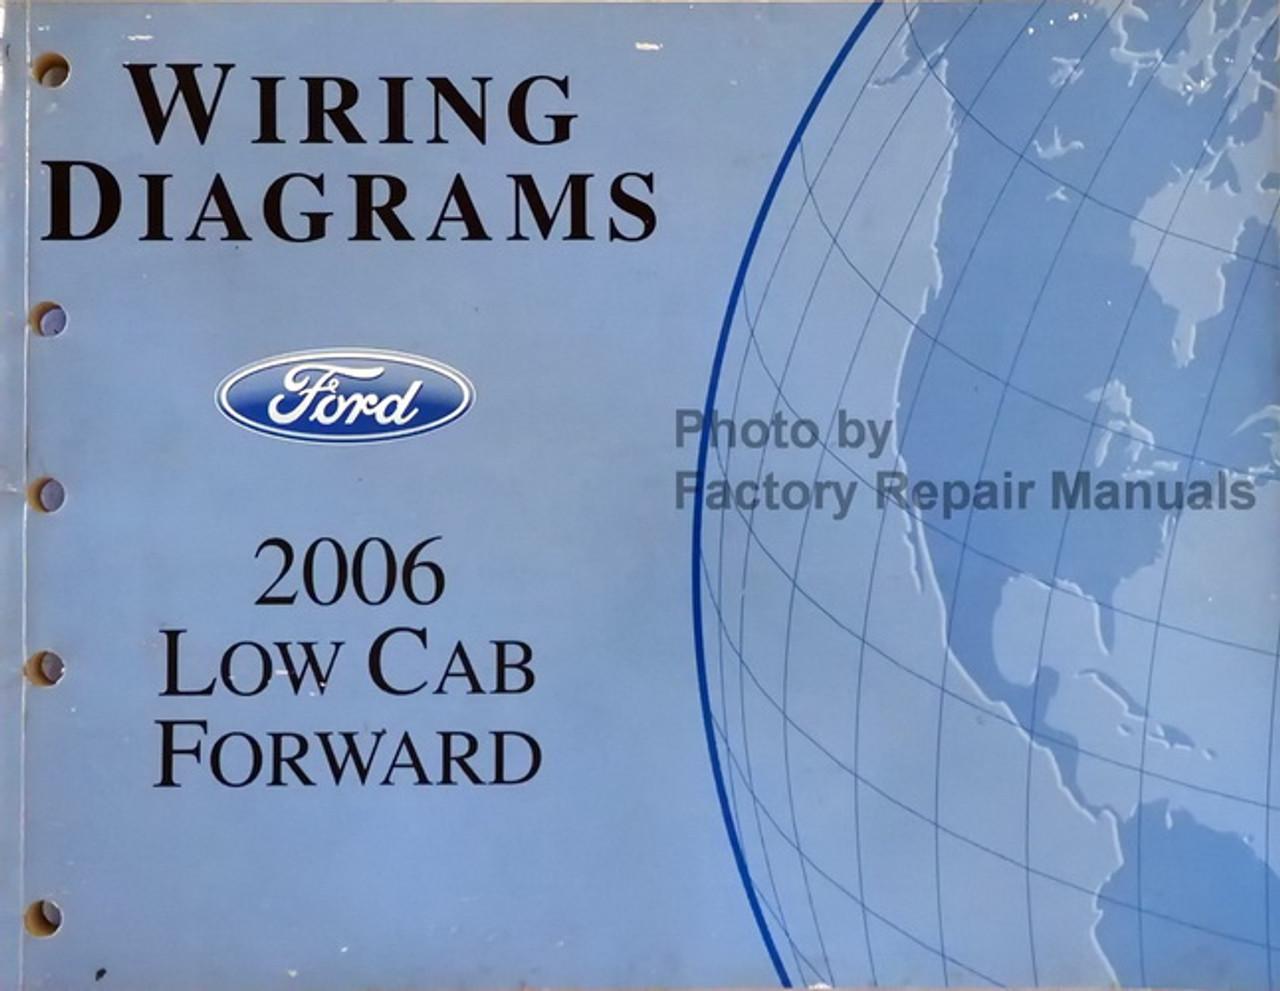 2006 ford lcf low cab forward truck electrical wiring diagrams original -  factory repair manuals  factory repair manuals